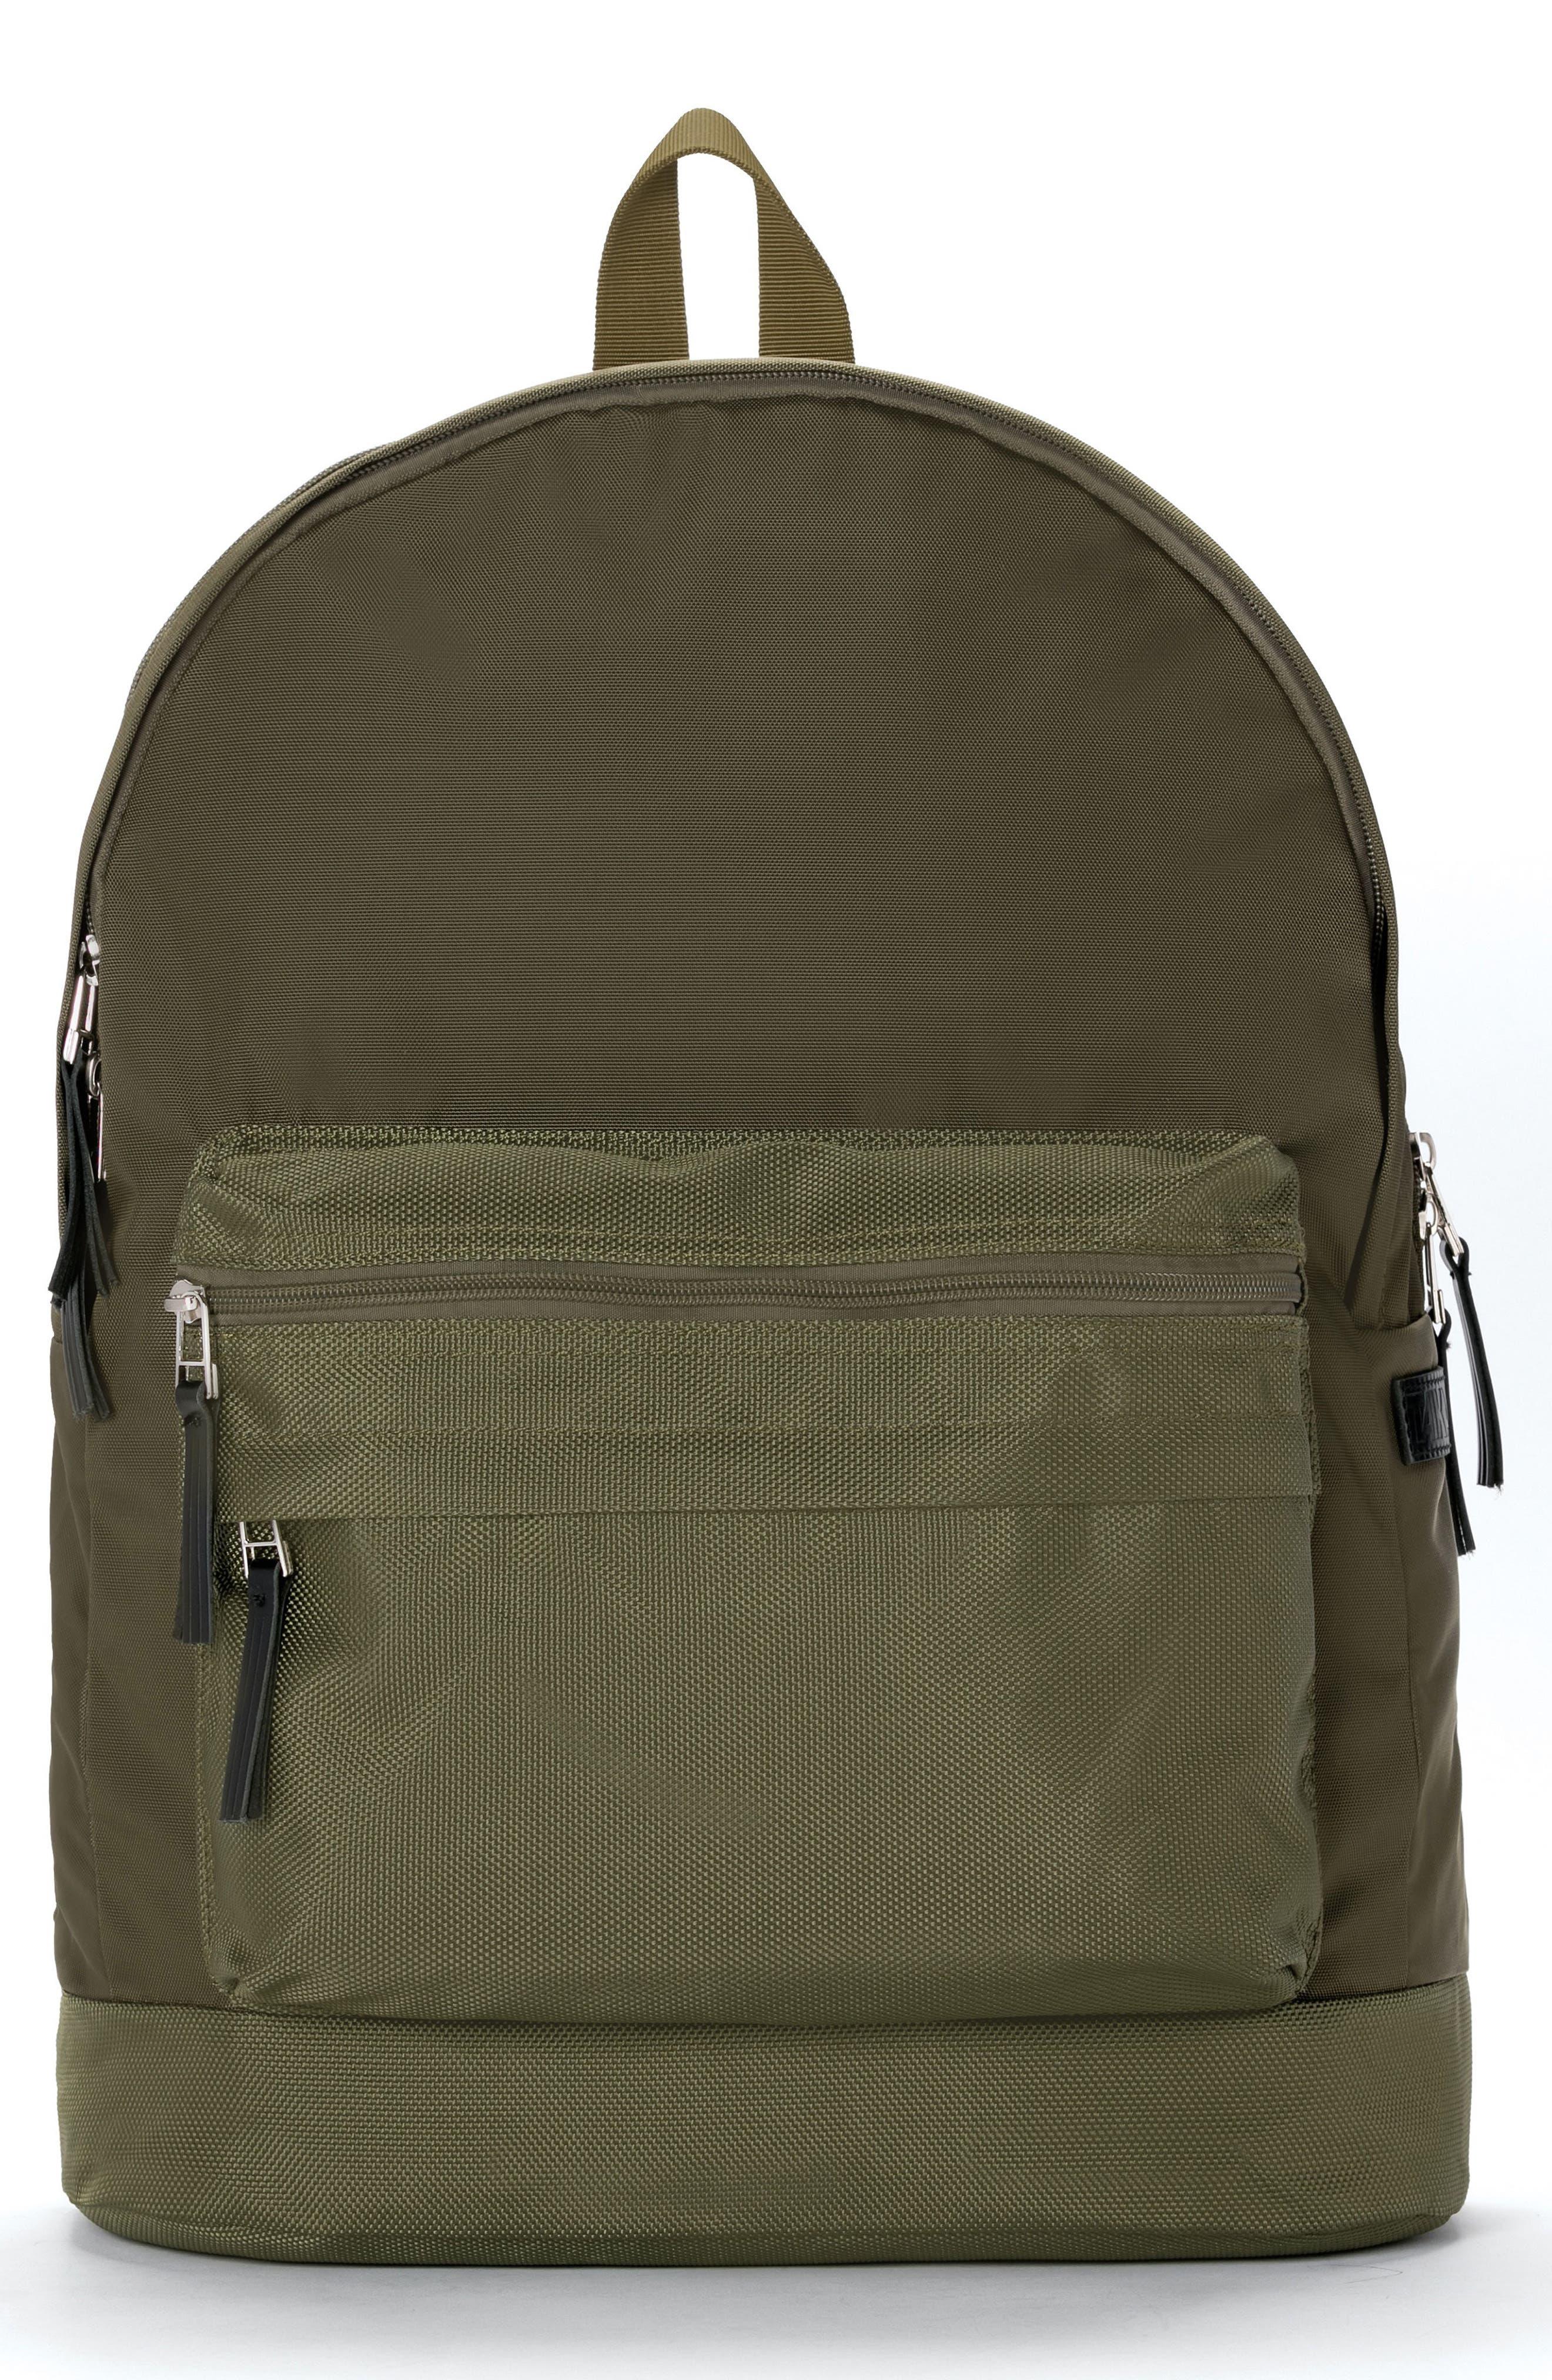 Lancer Backpack,                         Main,                         color, Olive